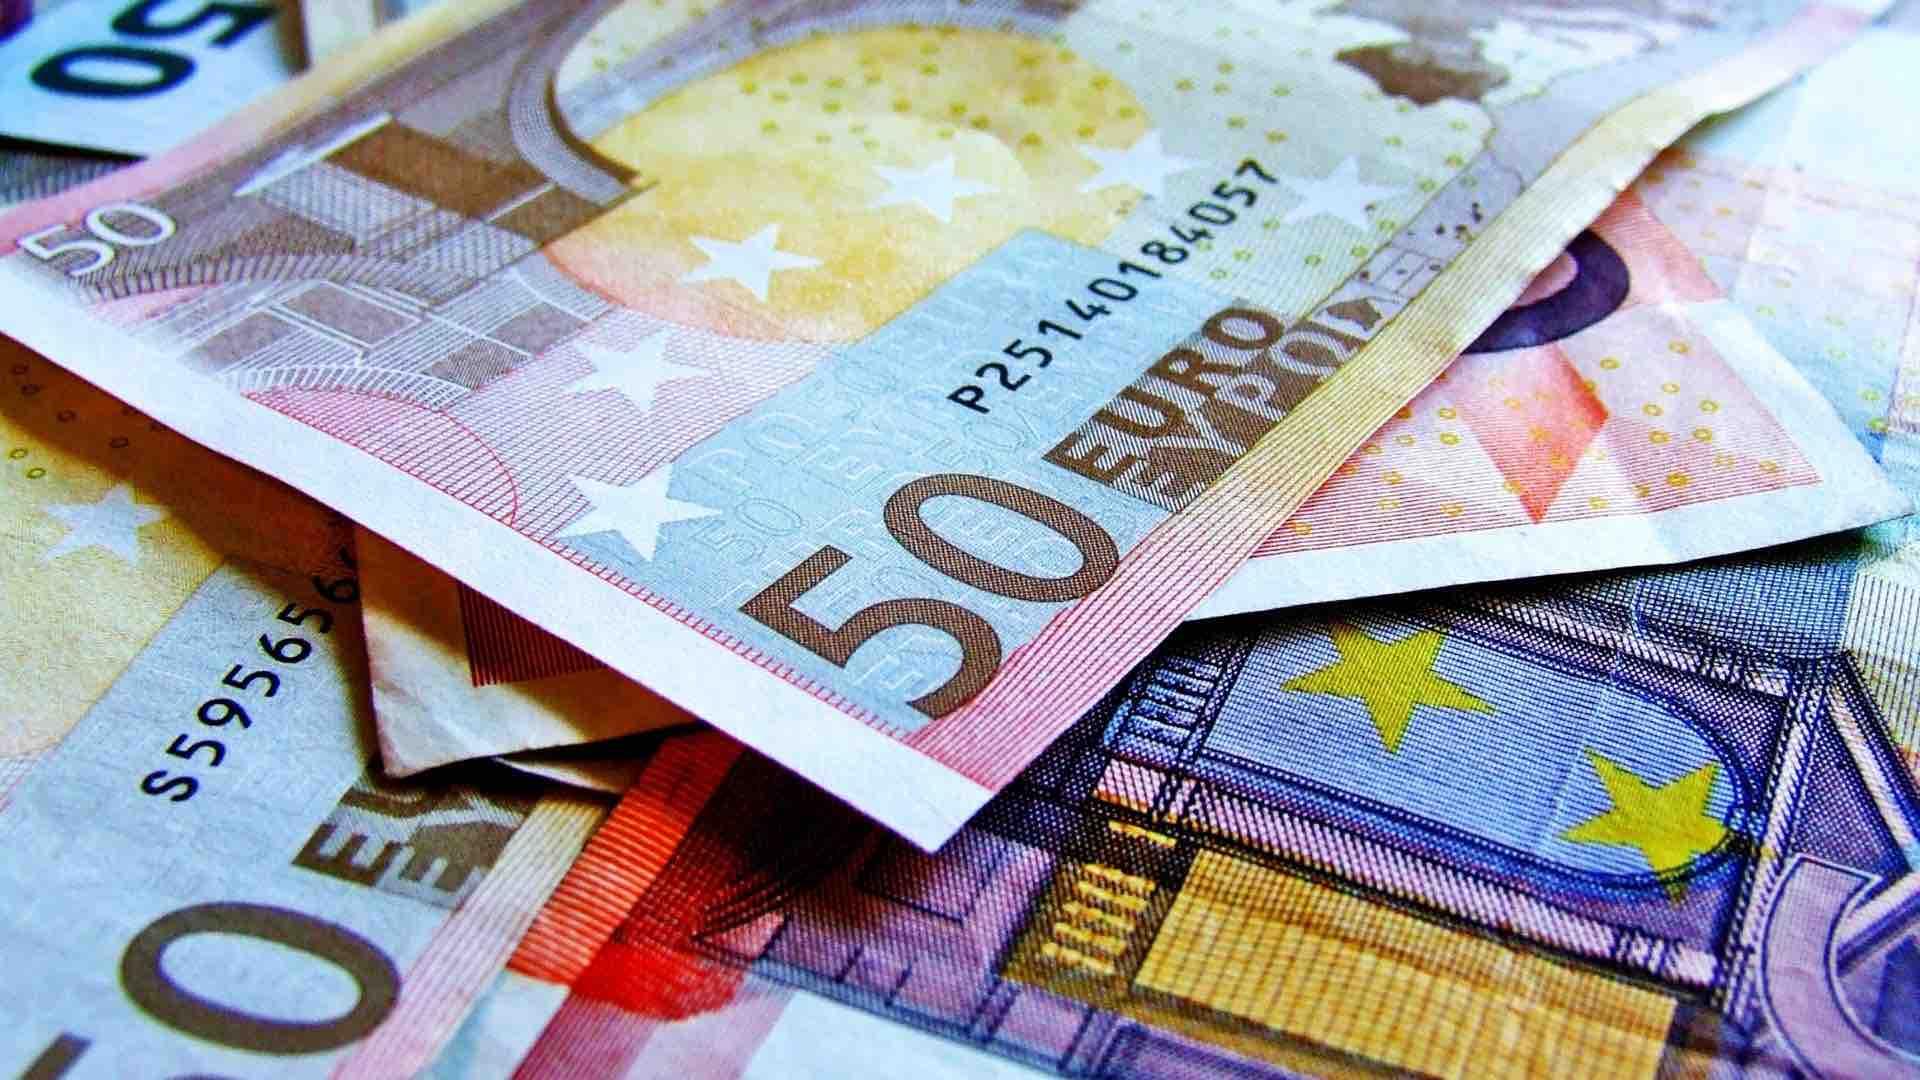 Interventi del Fondo di garanzia per le PMI ai sensi del punto 3.2 del Quadro temporaneo UE